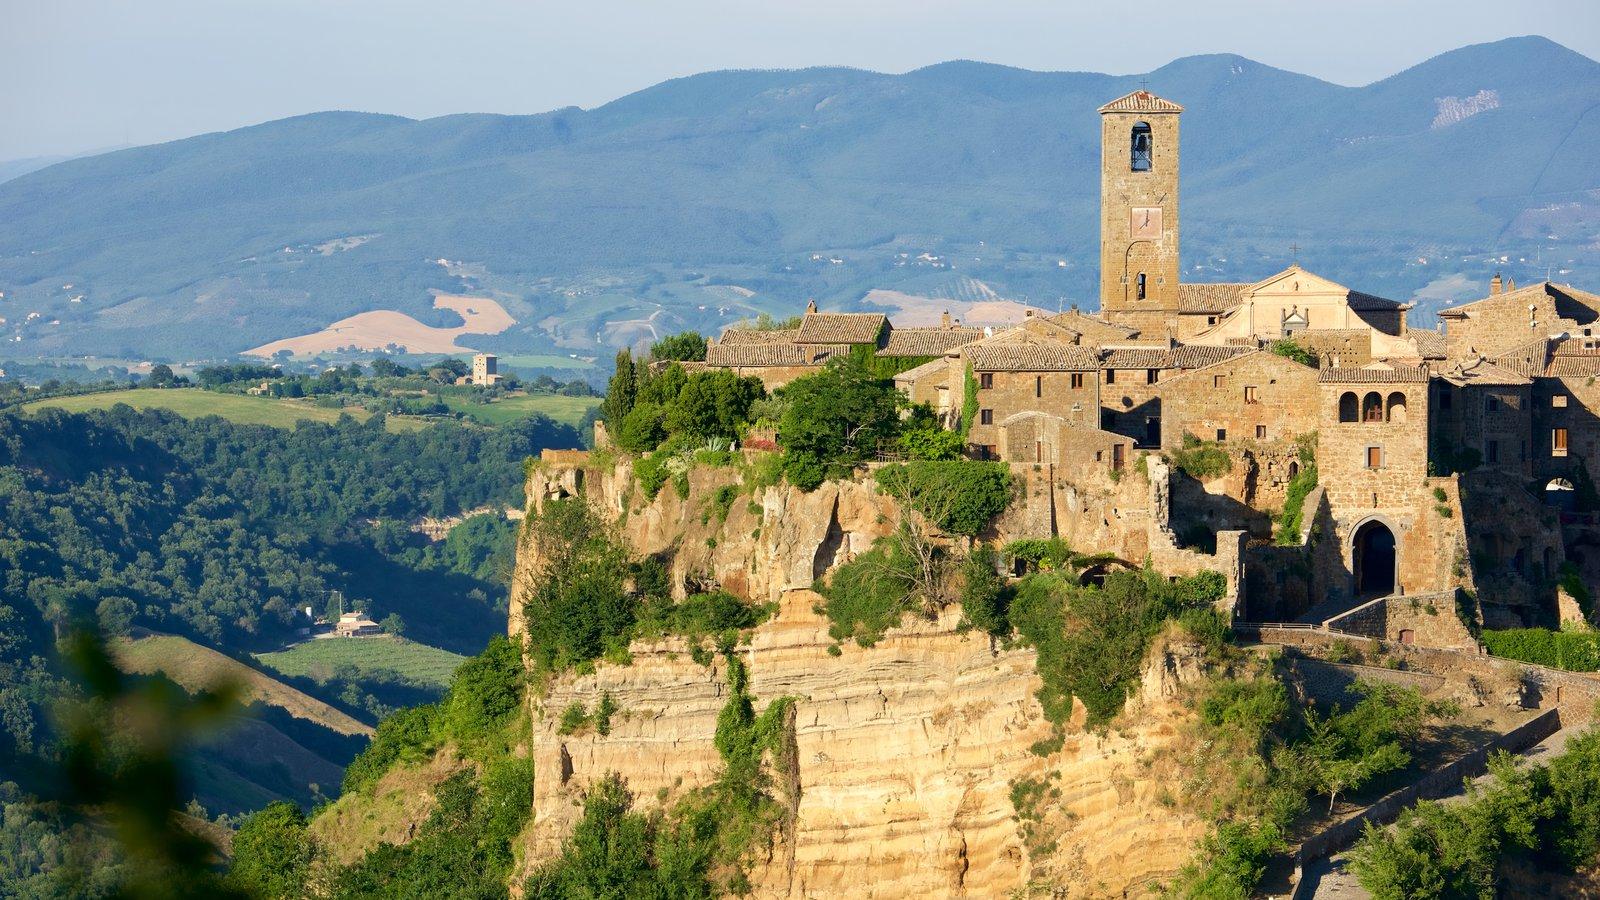 Bagnoregio que inclui arquitetura de patrimônio e um pequeno castelo ou palácio